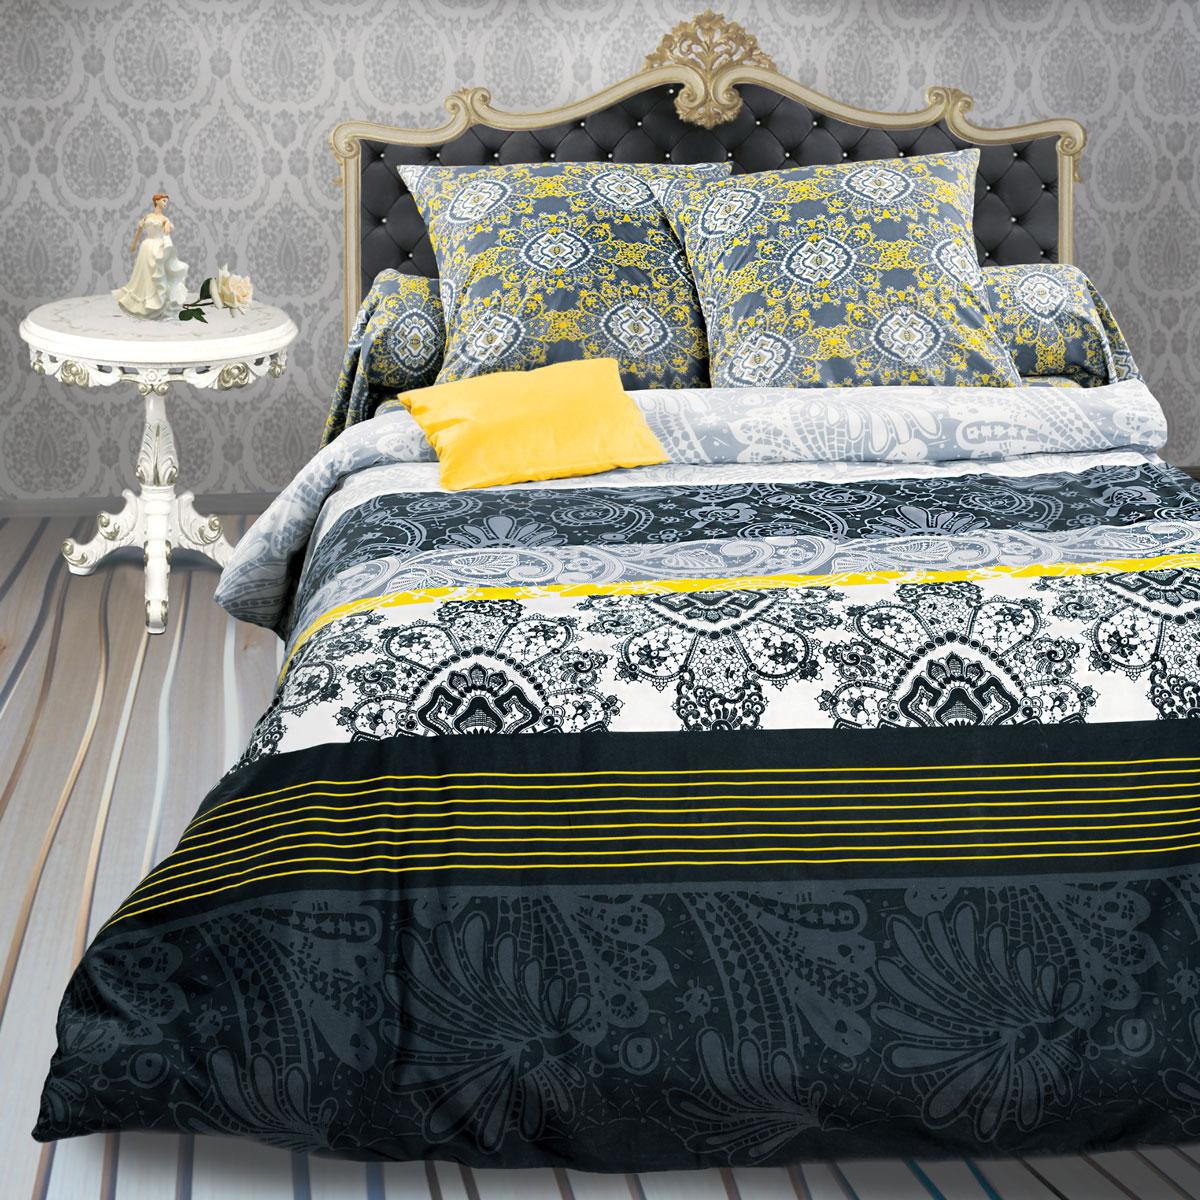 Комплект белья Унисон Ажур, евро, наволочки 70 х 70, цвет: черный. 286045286045Постельное белье торговой марки «Унисон Биоматин» - это домашний текстиль премиум класса с эксклюзивными дизайнами в разнообразных стилистических решениях. Комплекты данной серии выполнены из ткани «биоматин» - это 100% хлопок высочайшего качества, мягкий, тонкий и легкий, но при этом прочный, долговечный и очень практичный, с повышенным показателем износостойкости, обладающий грязе- и пылеотталкивающими свойствами, долго сохраняющий чистоту и свежесть постельного белья, гипоаллергенный.